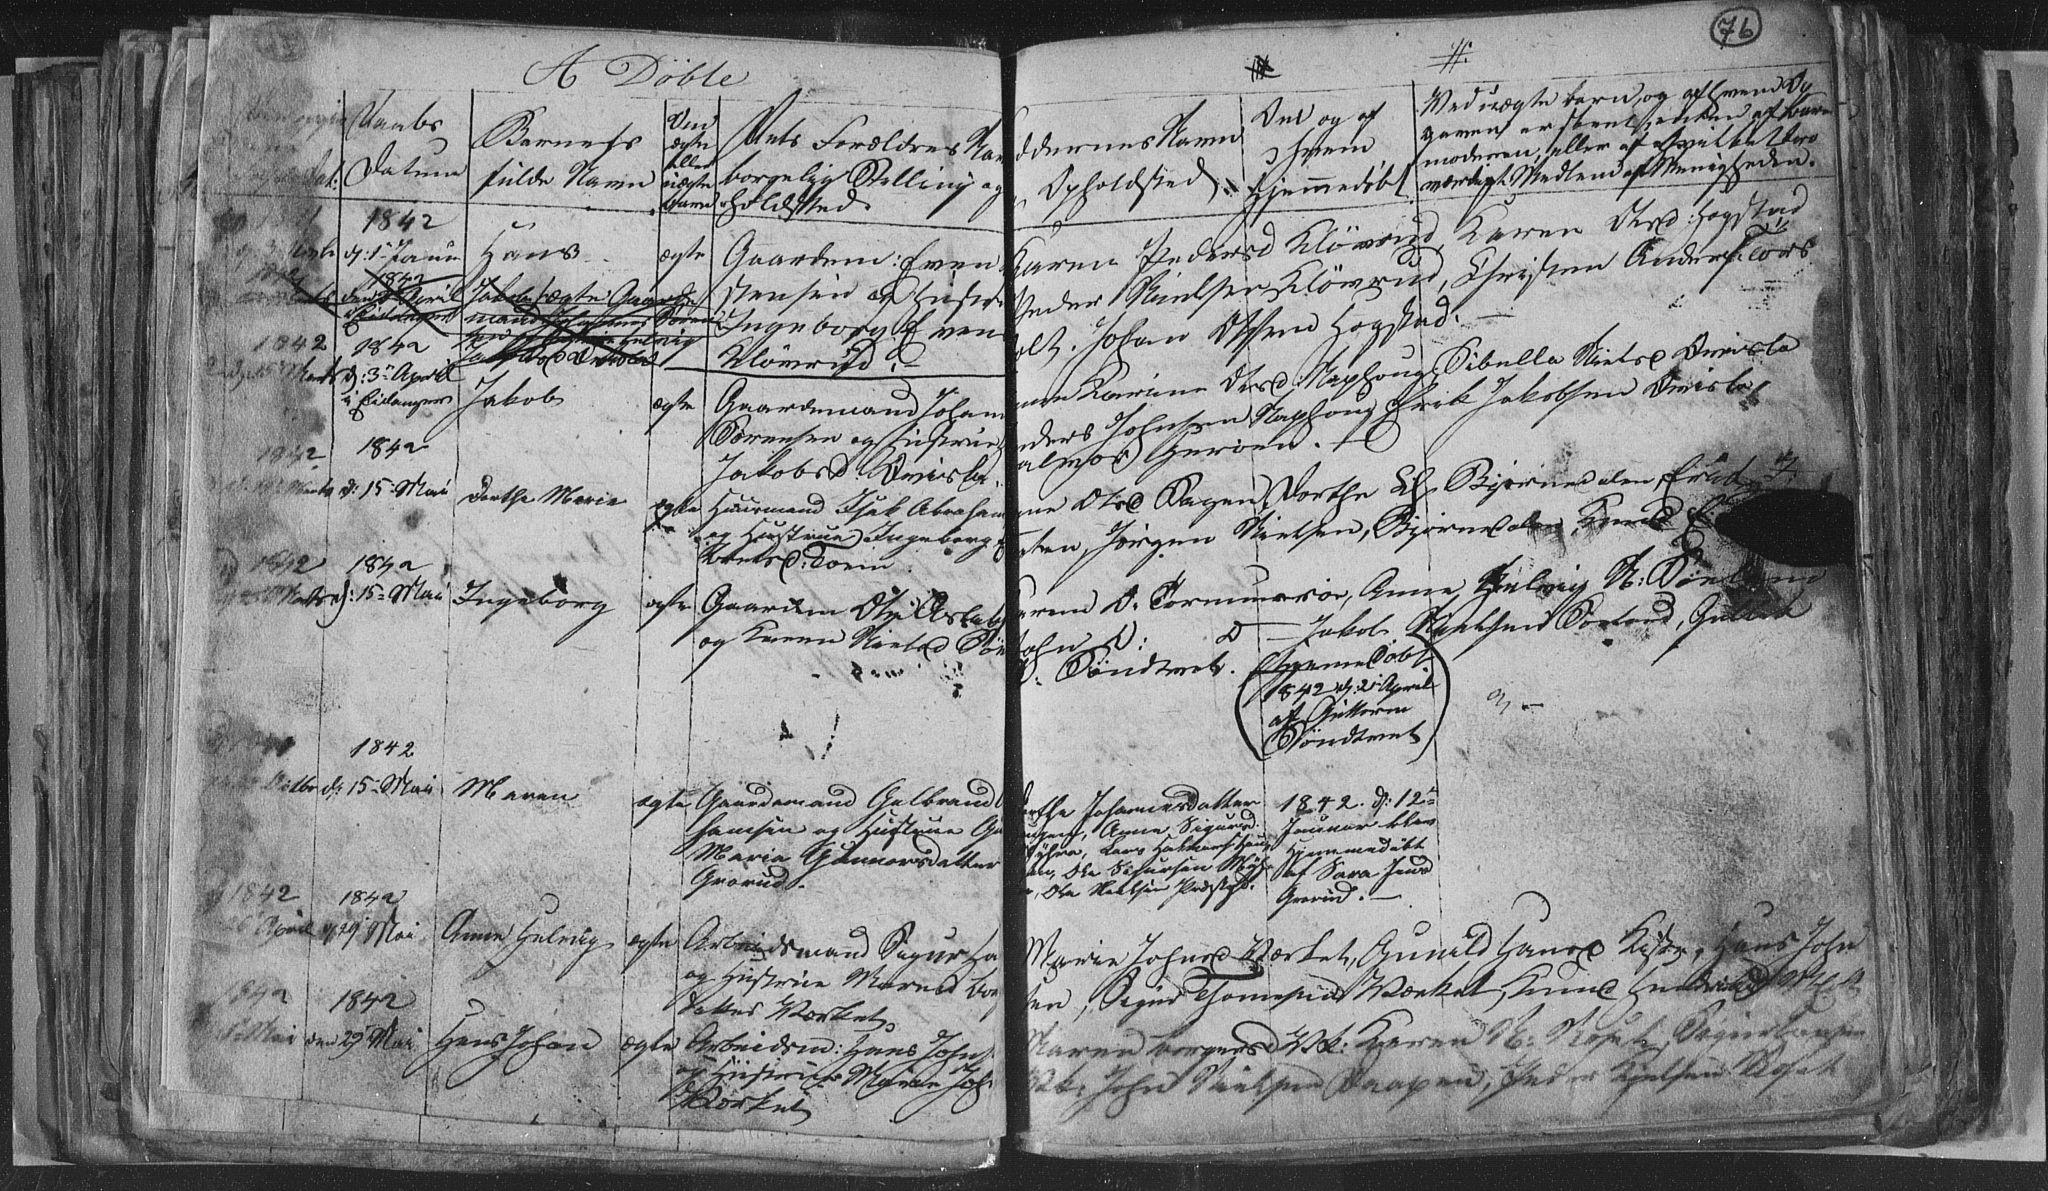 SAKO, Siljan kirkebøker, G/Ga/L0001: Klokkerbok nr. 1, 1827-1847, s. 76